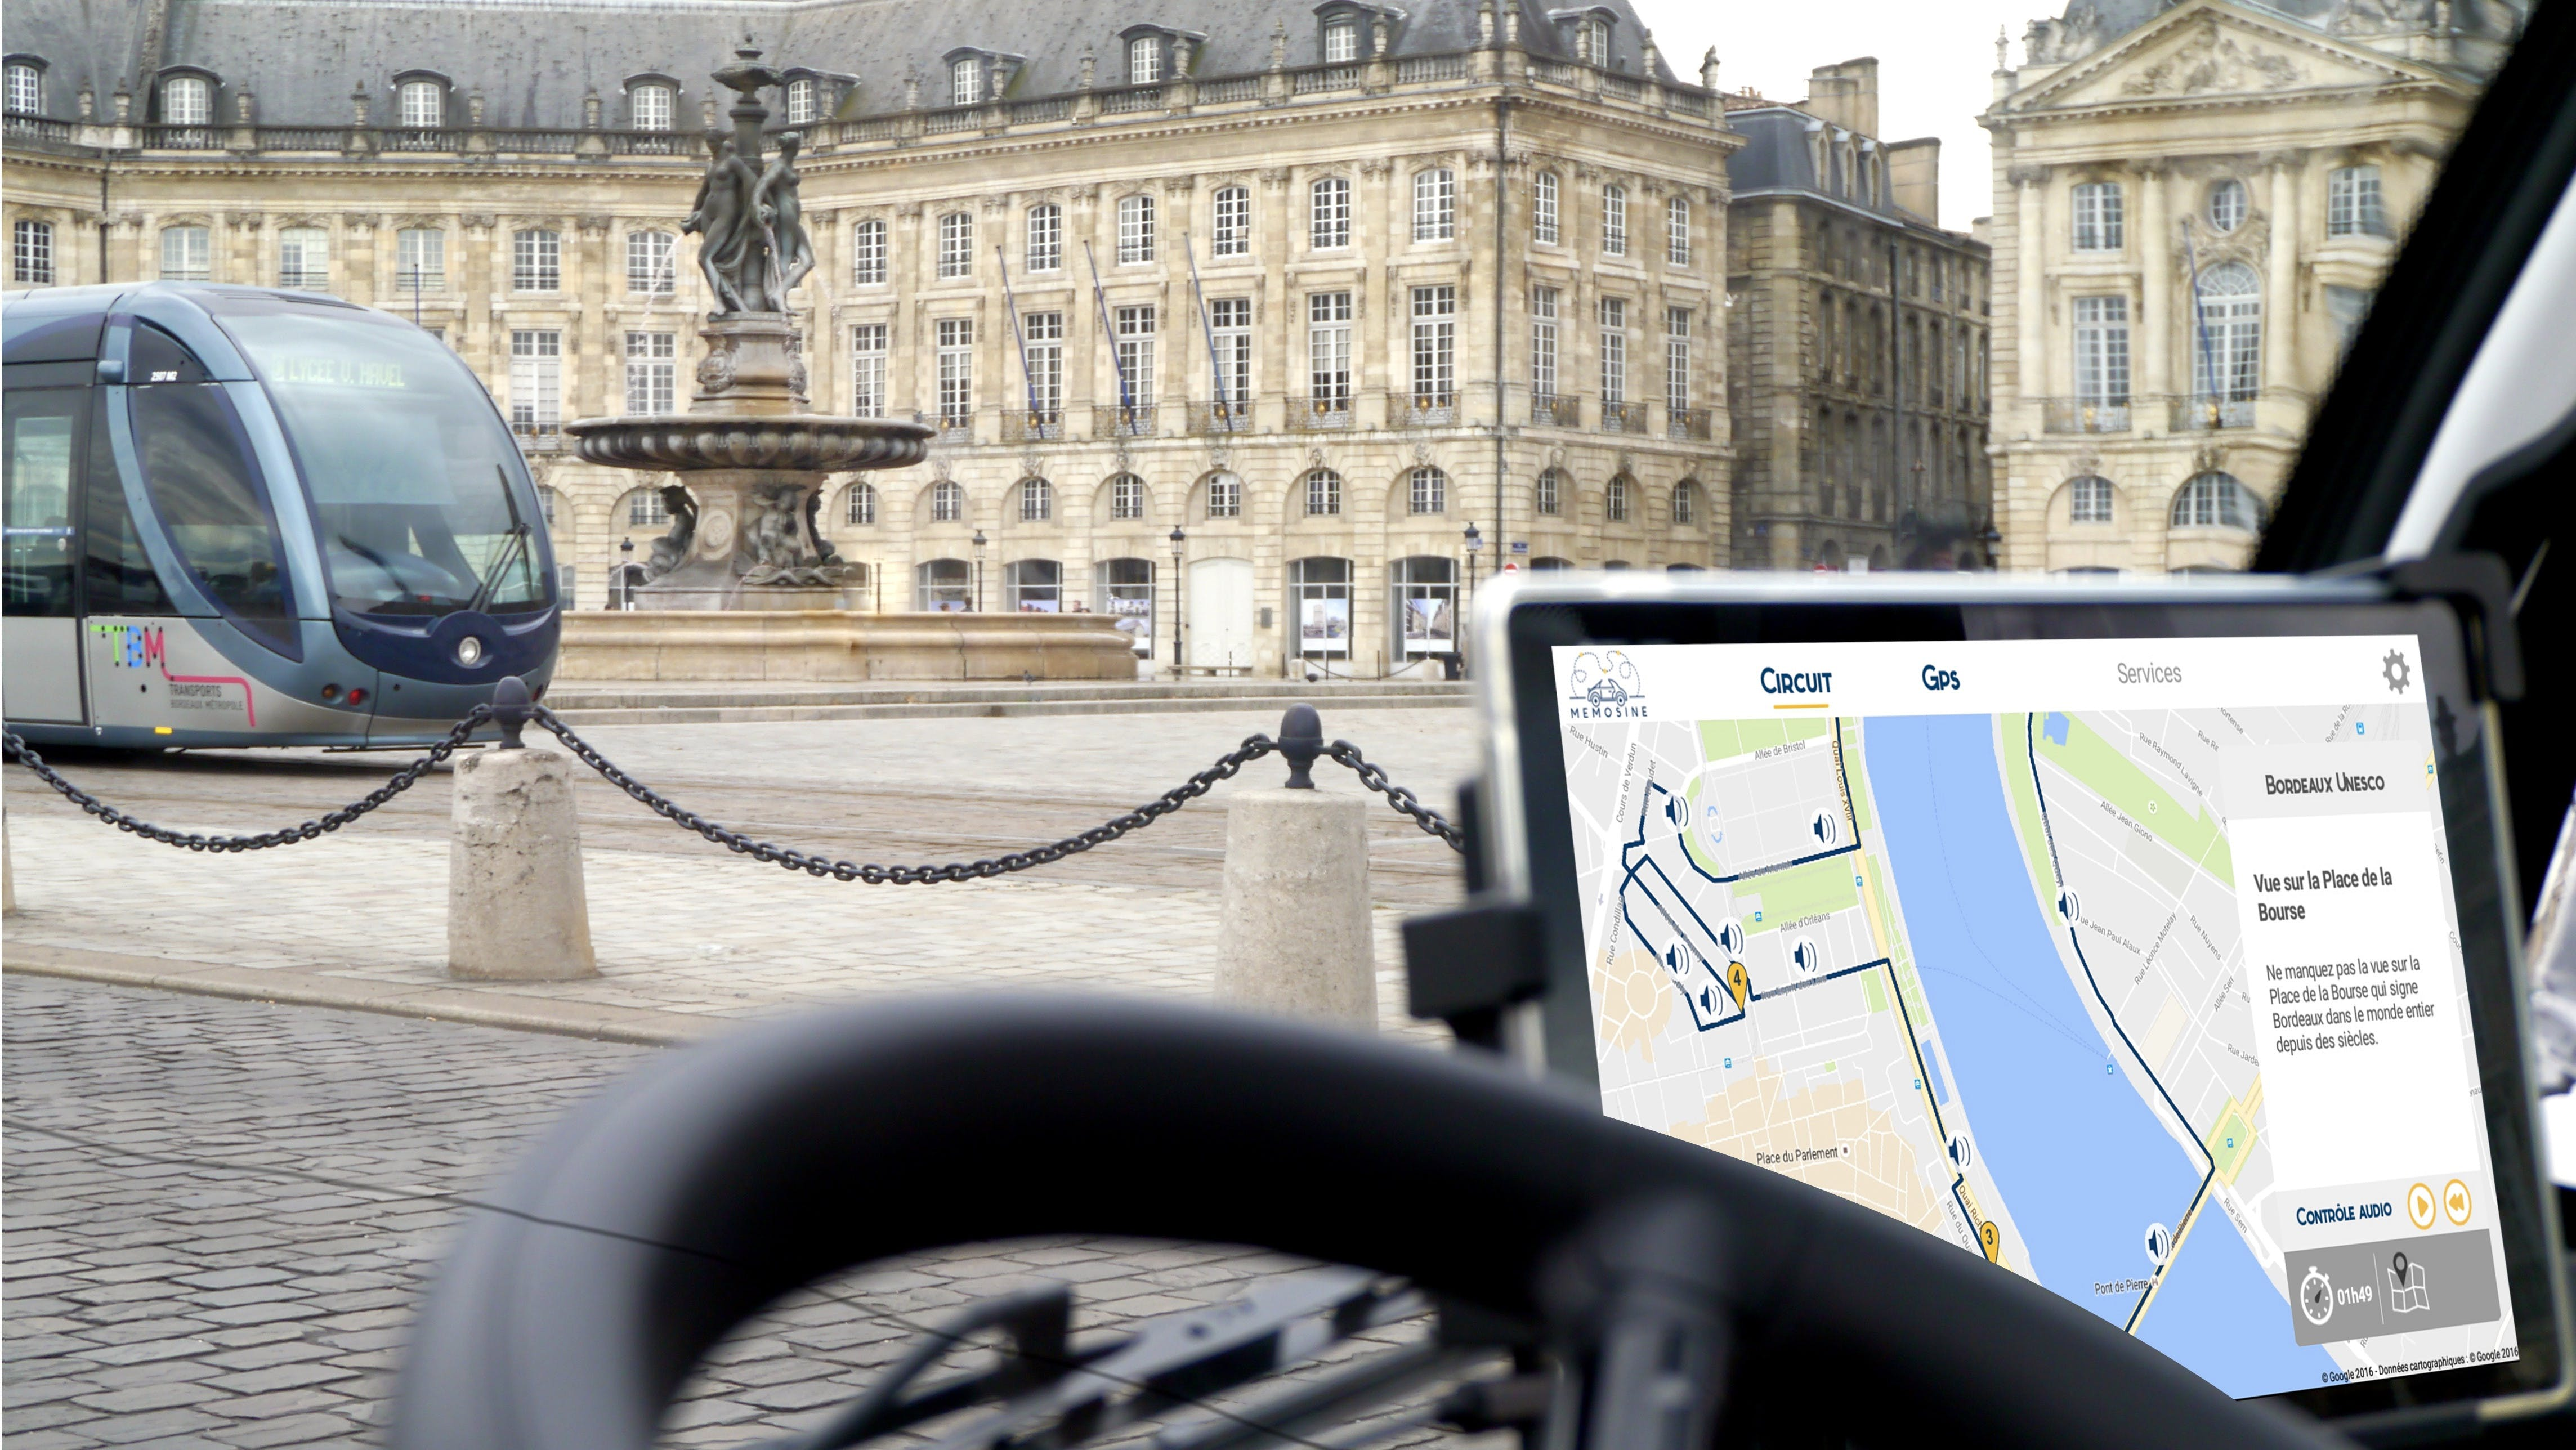 Bordeaux la UNESCO autoguiado City Sightseeing Tour en un vehículo eléctrico-1